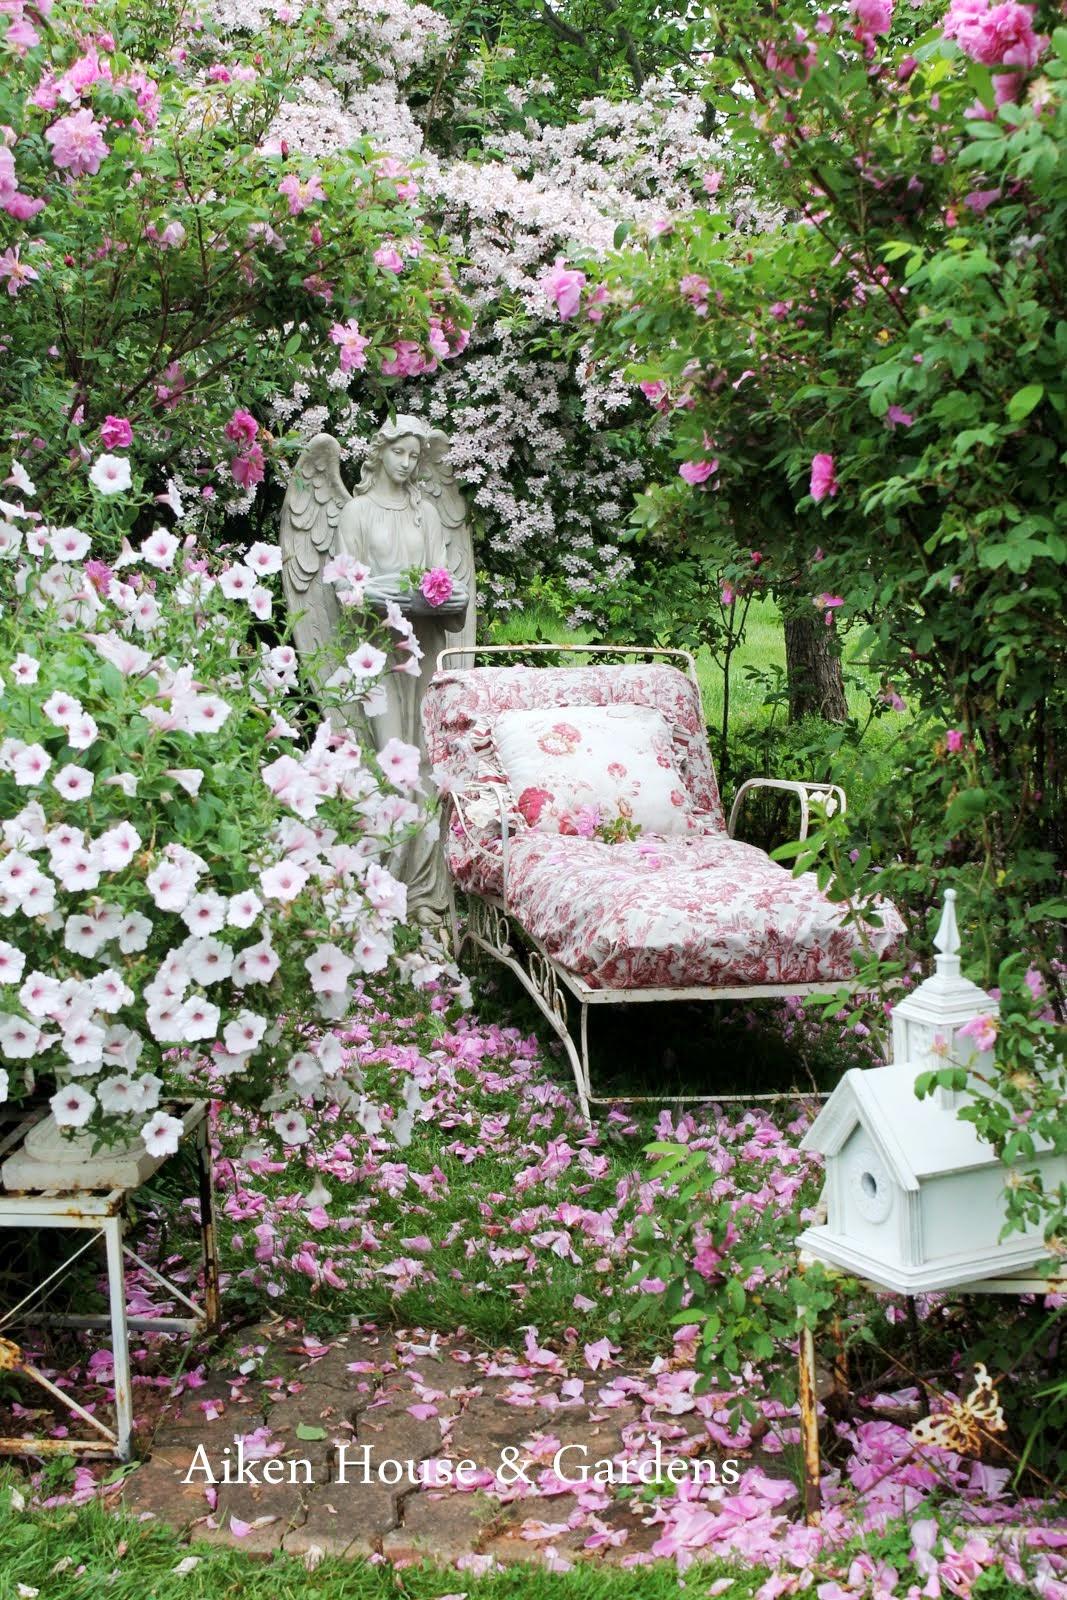 Aiken house gardens under the bower of roses for Aiken house